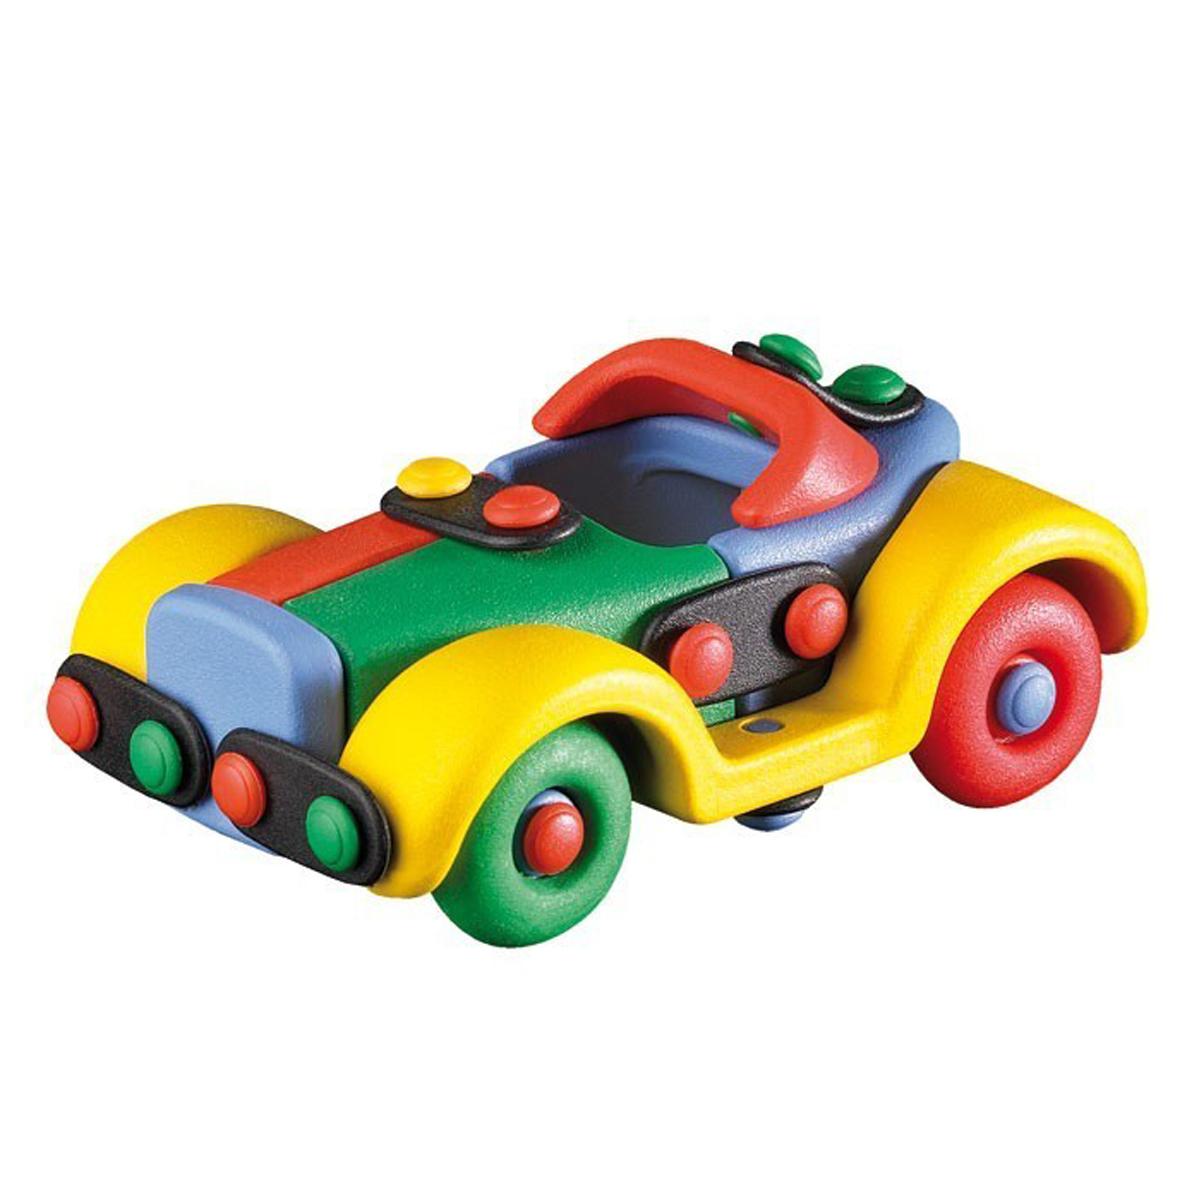 ساختنی مدل ماشین کد 089009